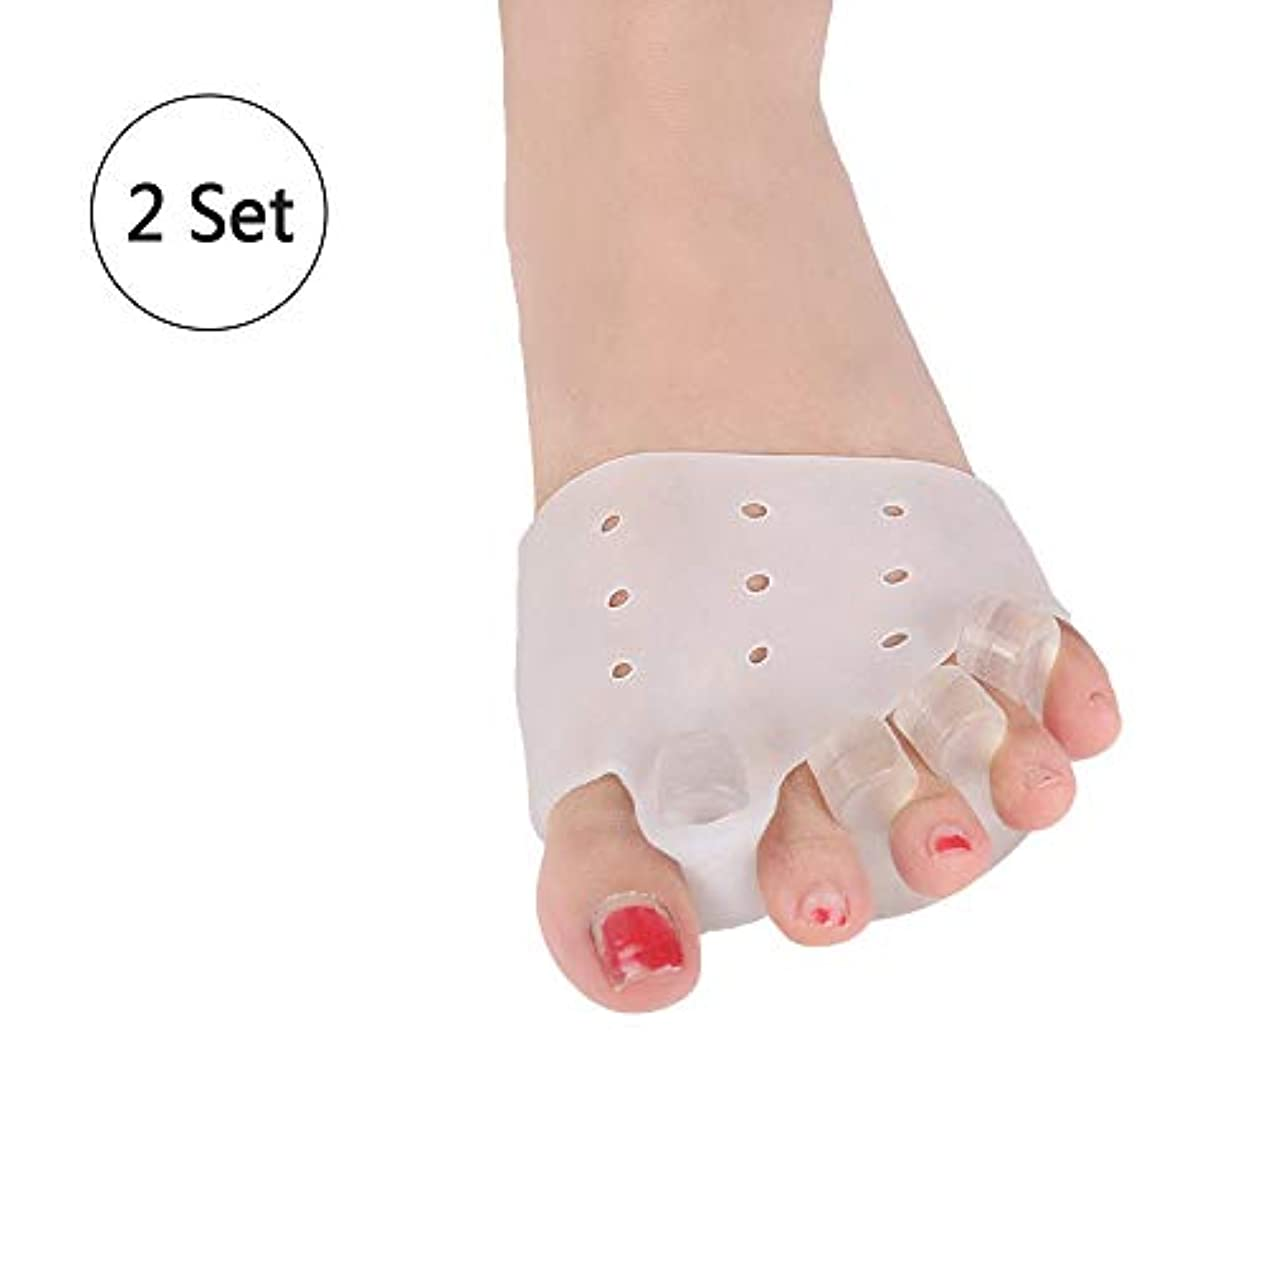 脆い淡い腐ったつま先アライナ、曲げつま先滑液包炎装具矯正用の足指ハンマーつま先矯正用つま先スプリント